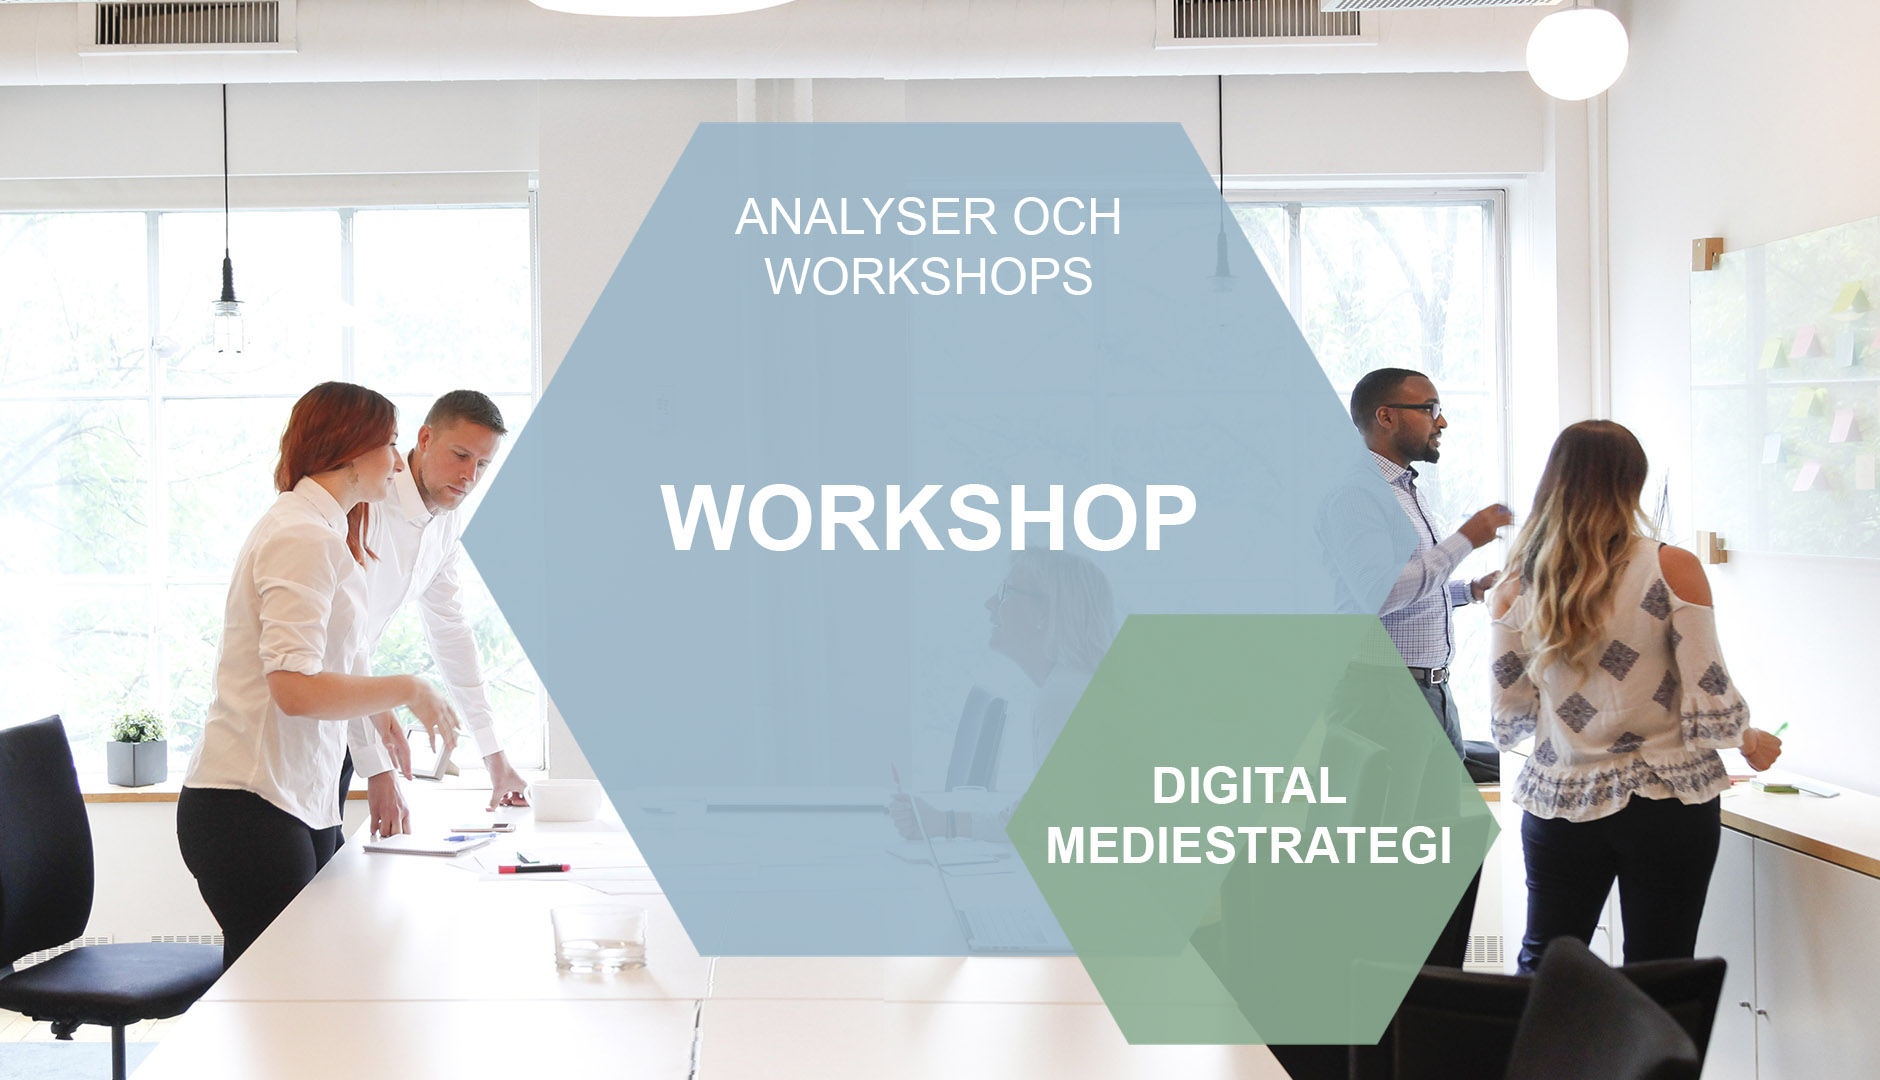 Digital mediestrategi i hexagon mot bakgrund av människor i workshop